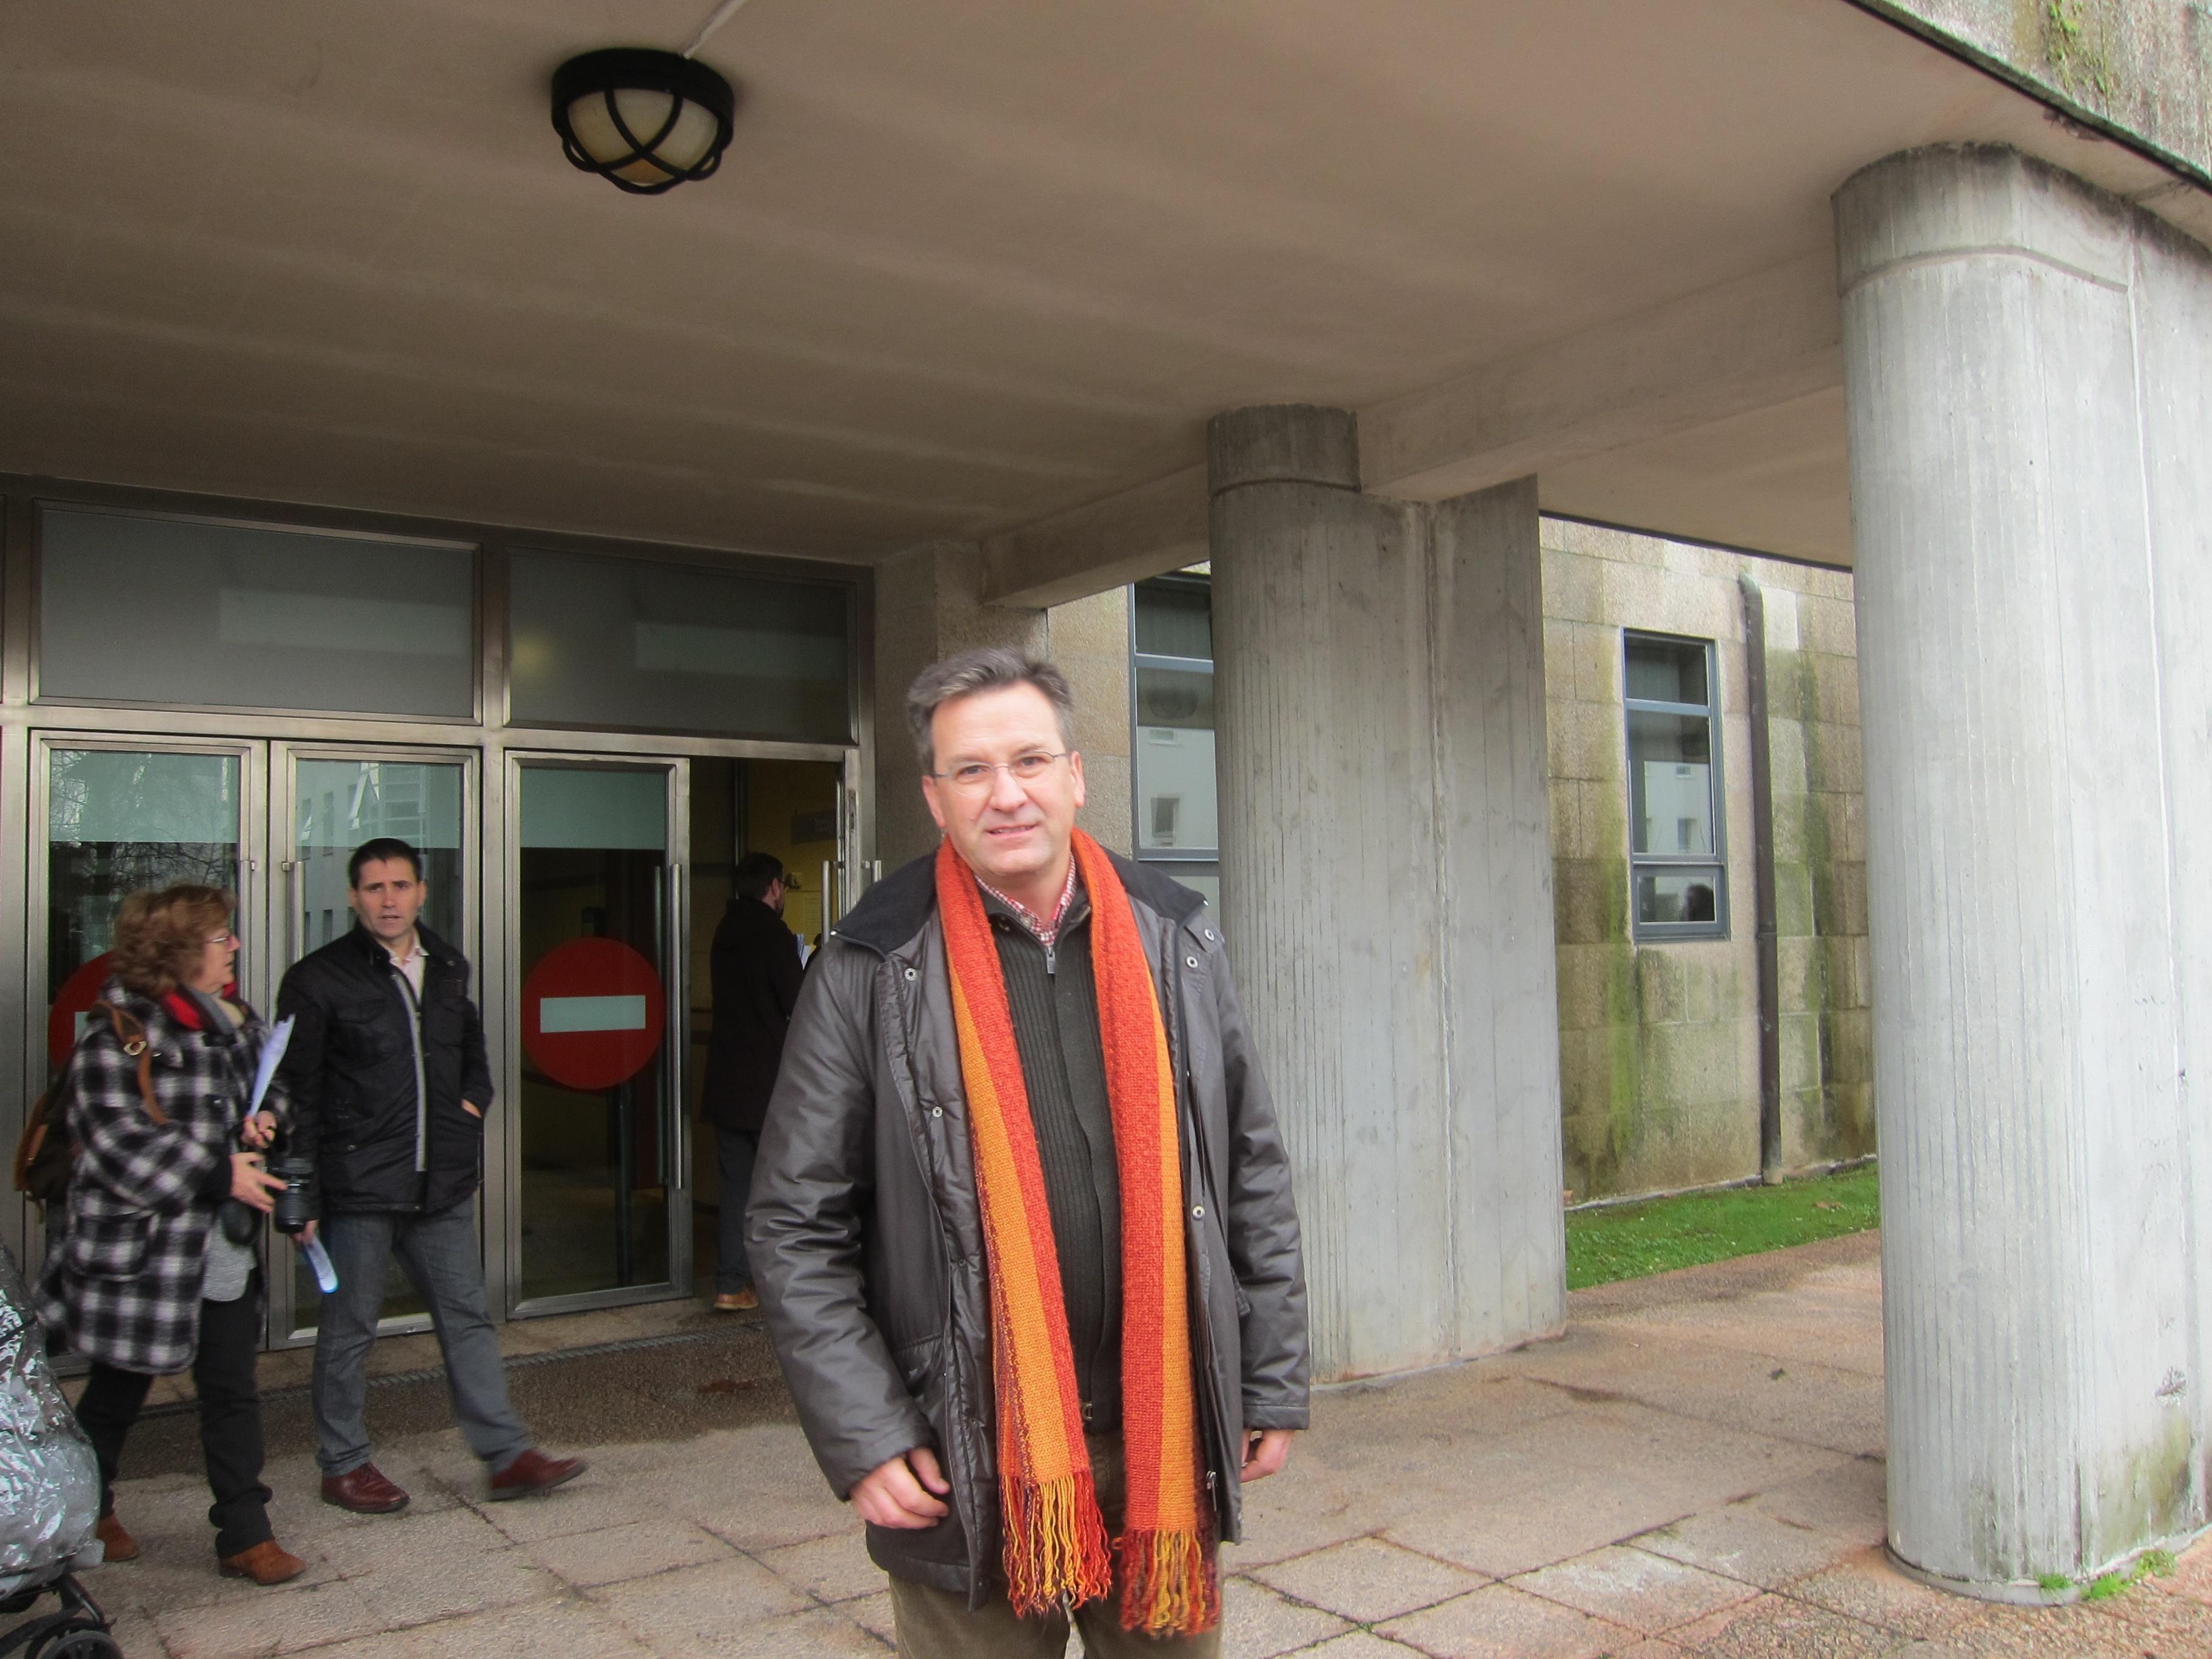 El BNG cree que el autogobierno gallego «está en peligro» por la «dejación de funciones» de la Xunta